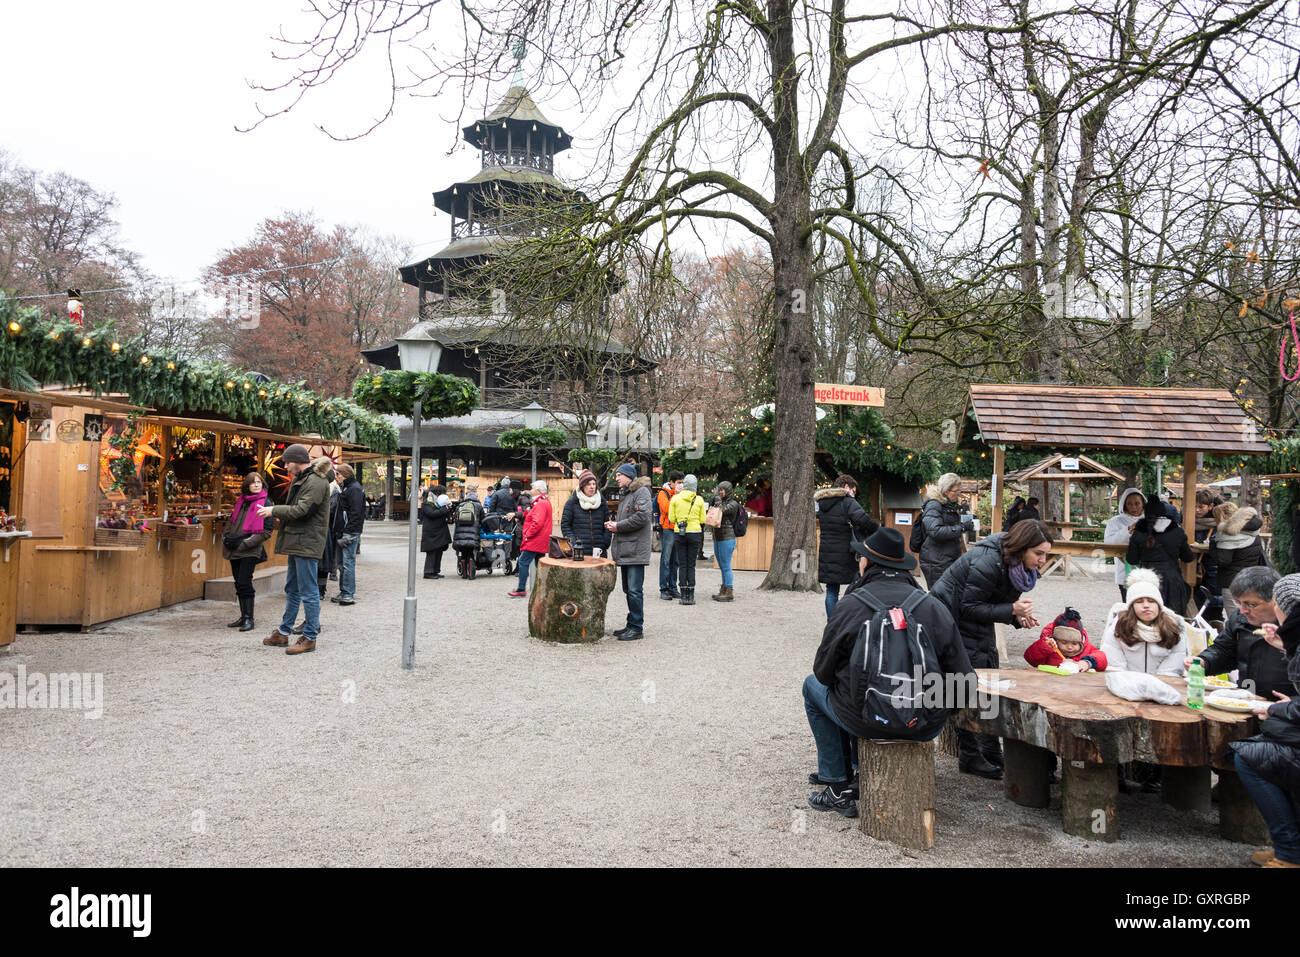 Un marché de Noël qui a eu lieu autour de la structure en bois de la tour chinoise dans les Jardins Anglais de Munich, en Allemagne. Banque D'Images